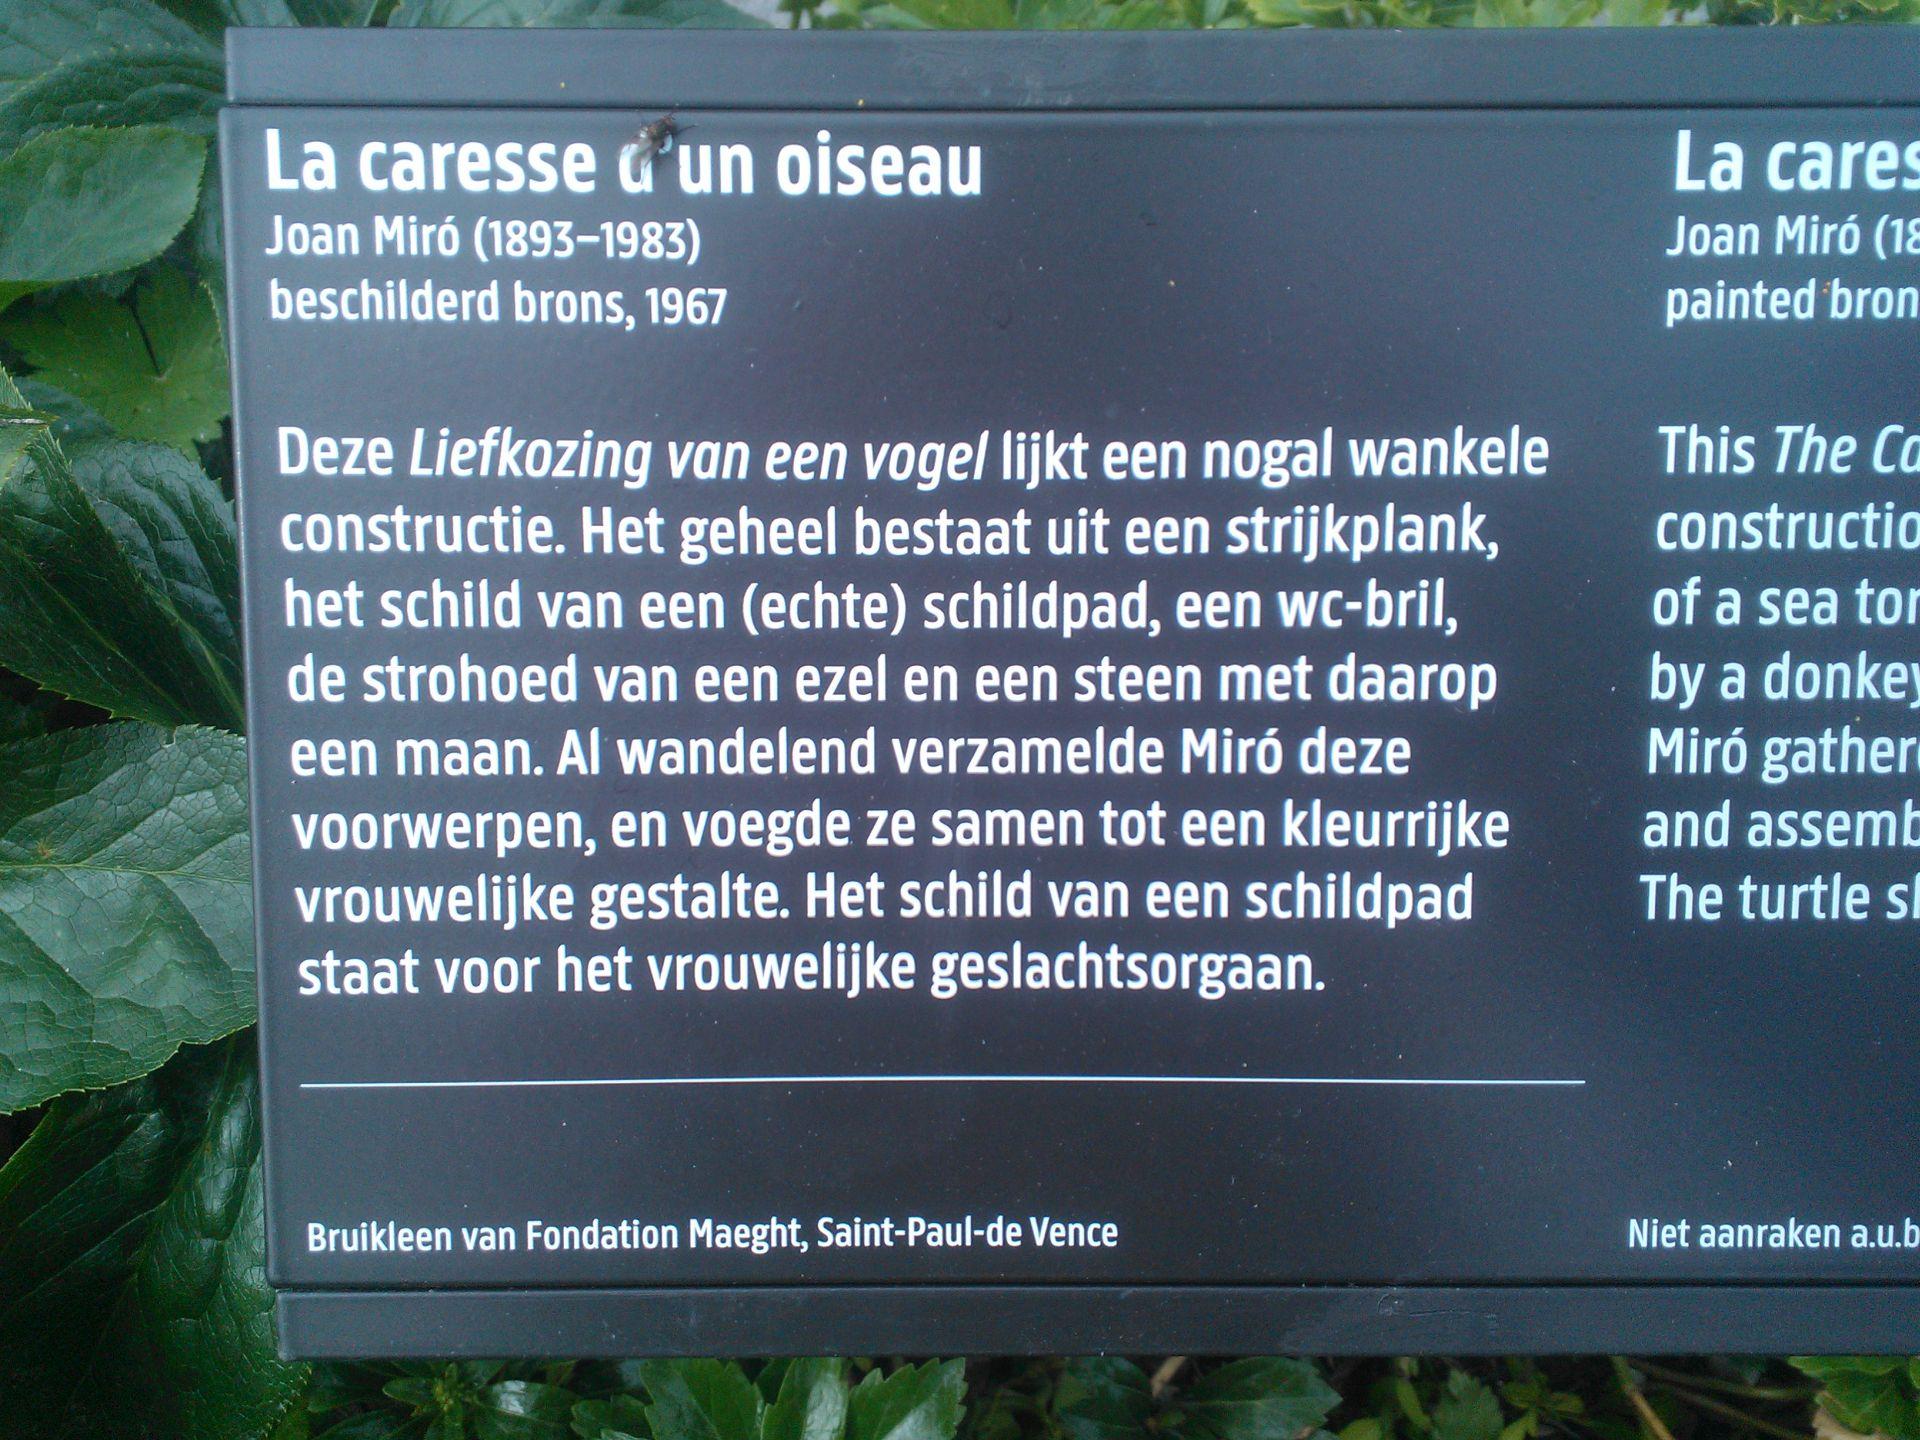 Joan Miró Rijksmuseum